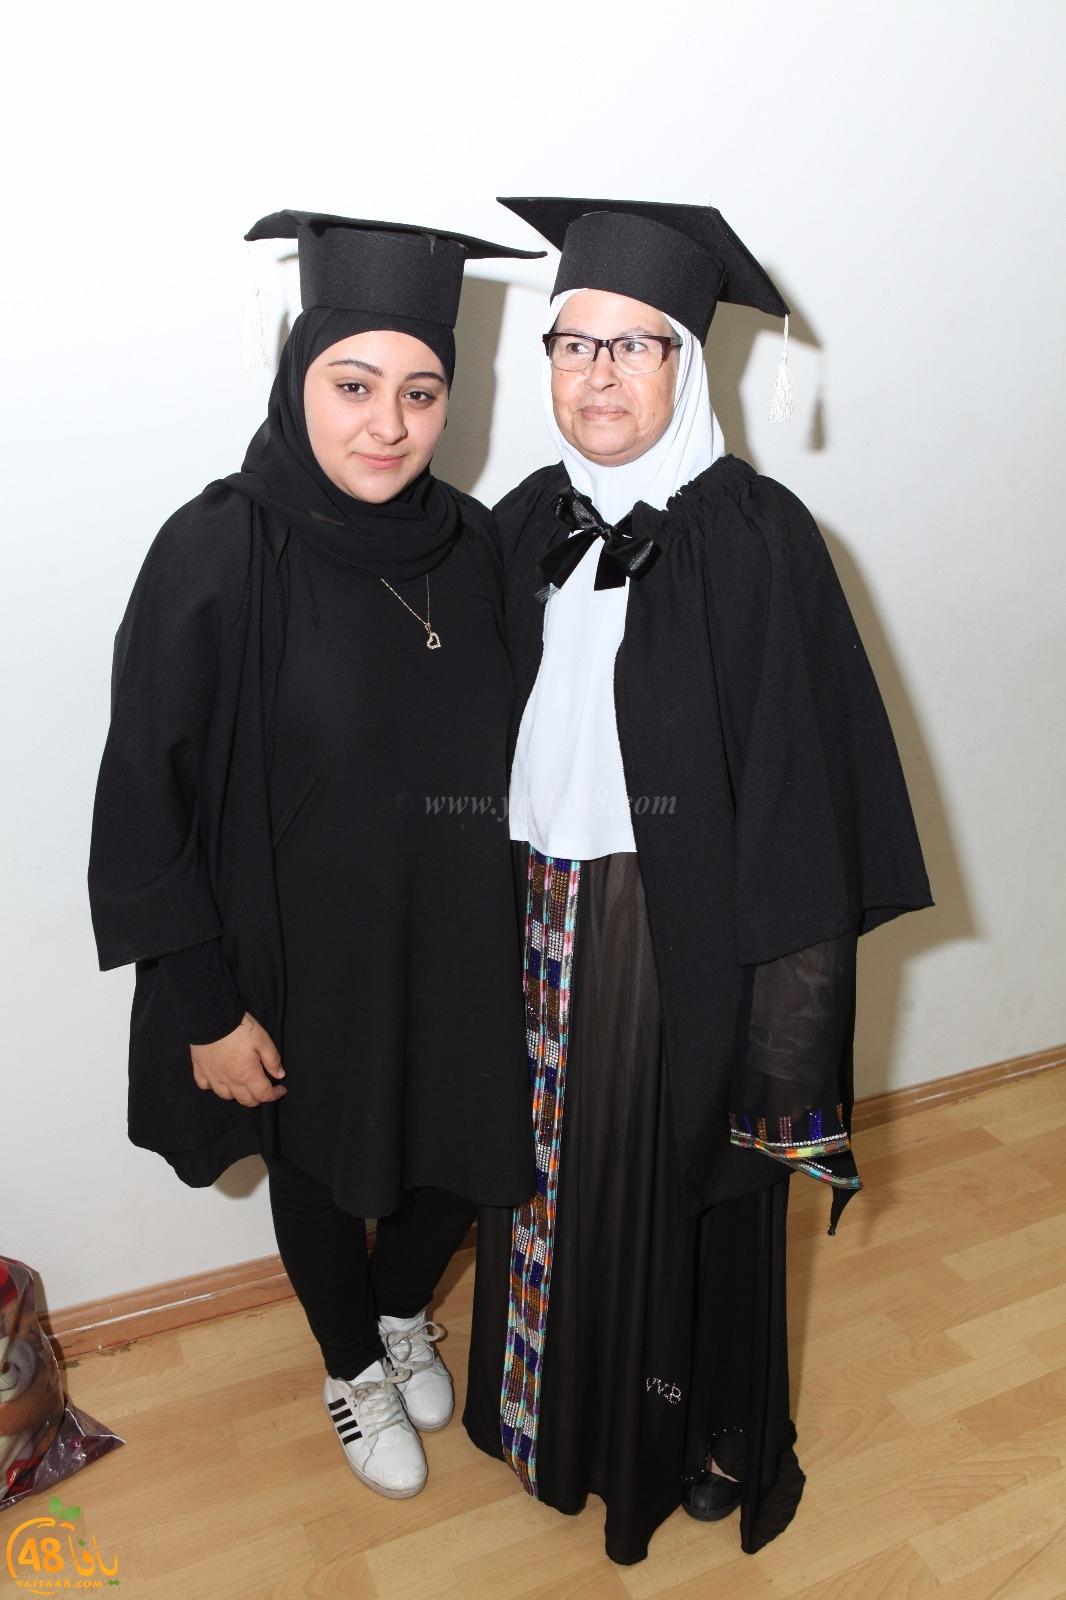 يافا: 3 من طلاب مدرسة تامر لإتقان تلاوة القرآن الكريم يجتازون الامتحان الوزاري